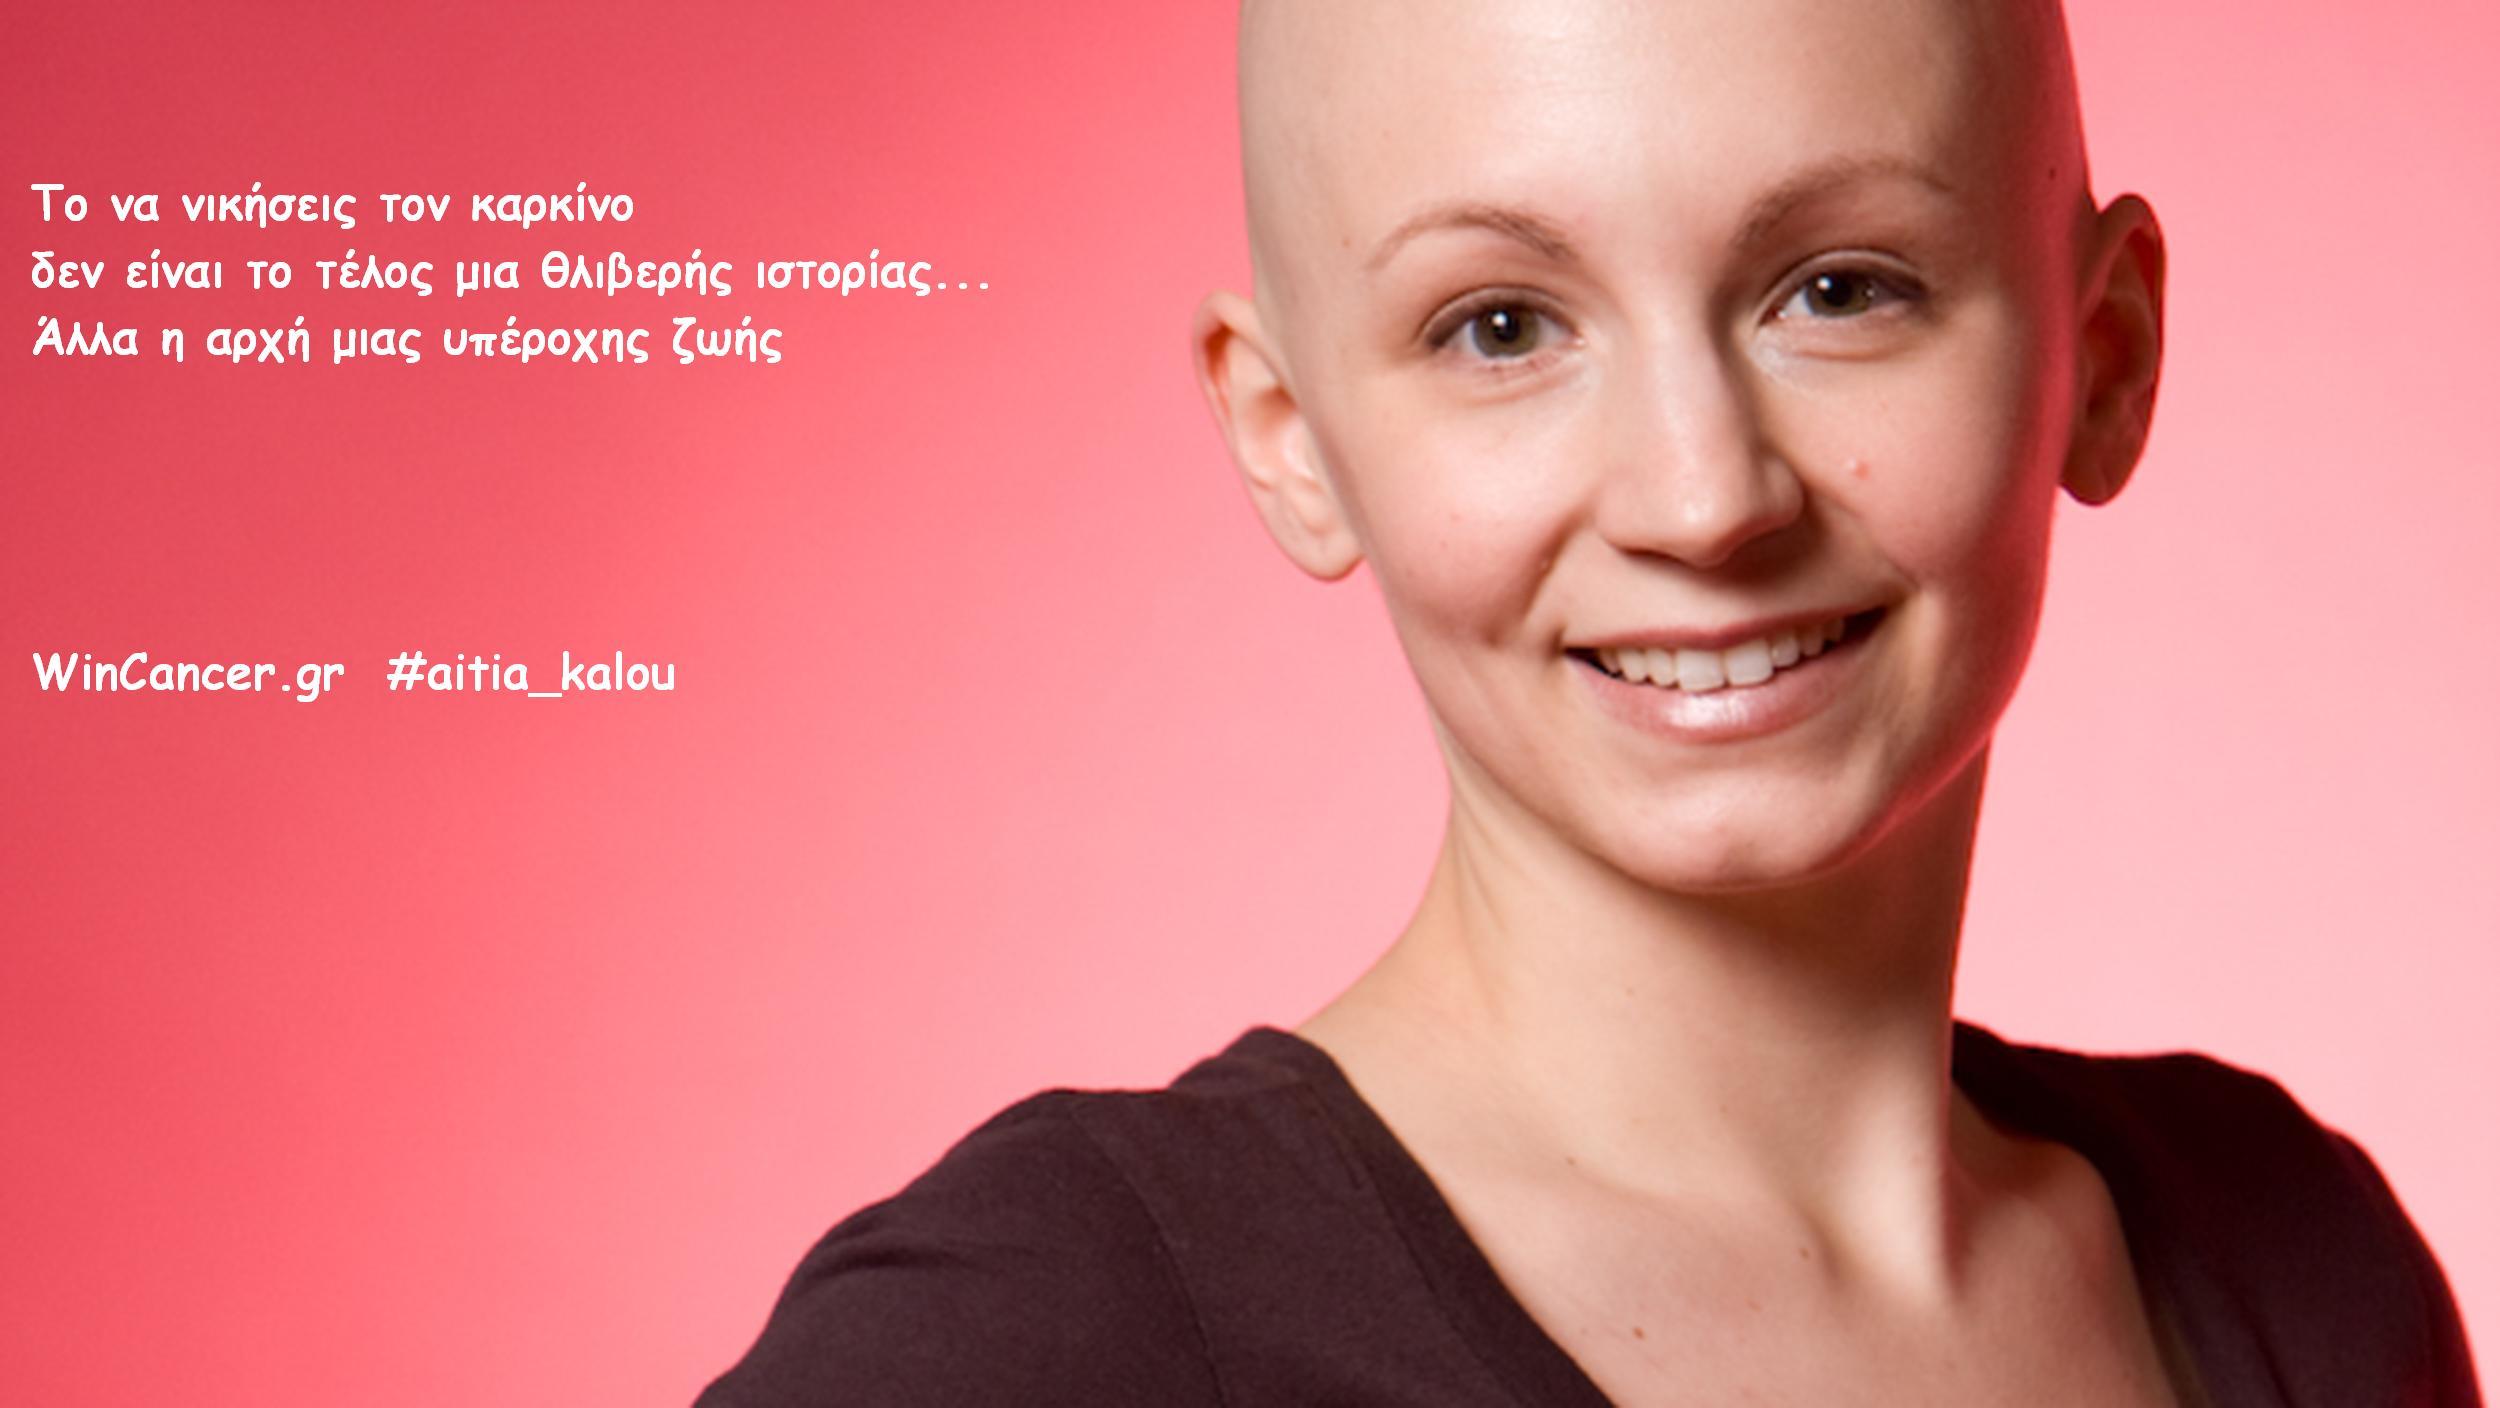 Το να νικήσεις τον καρκίνο